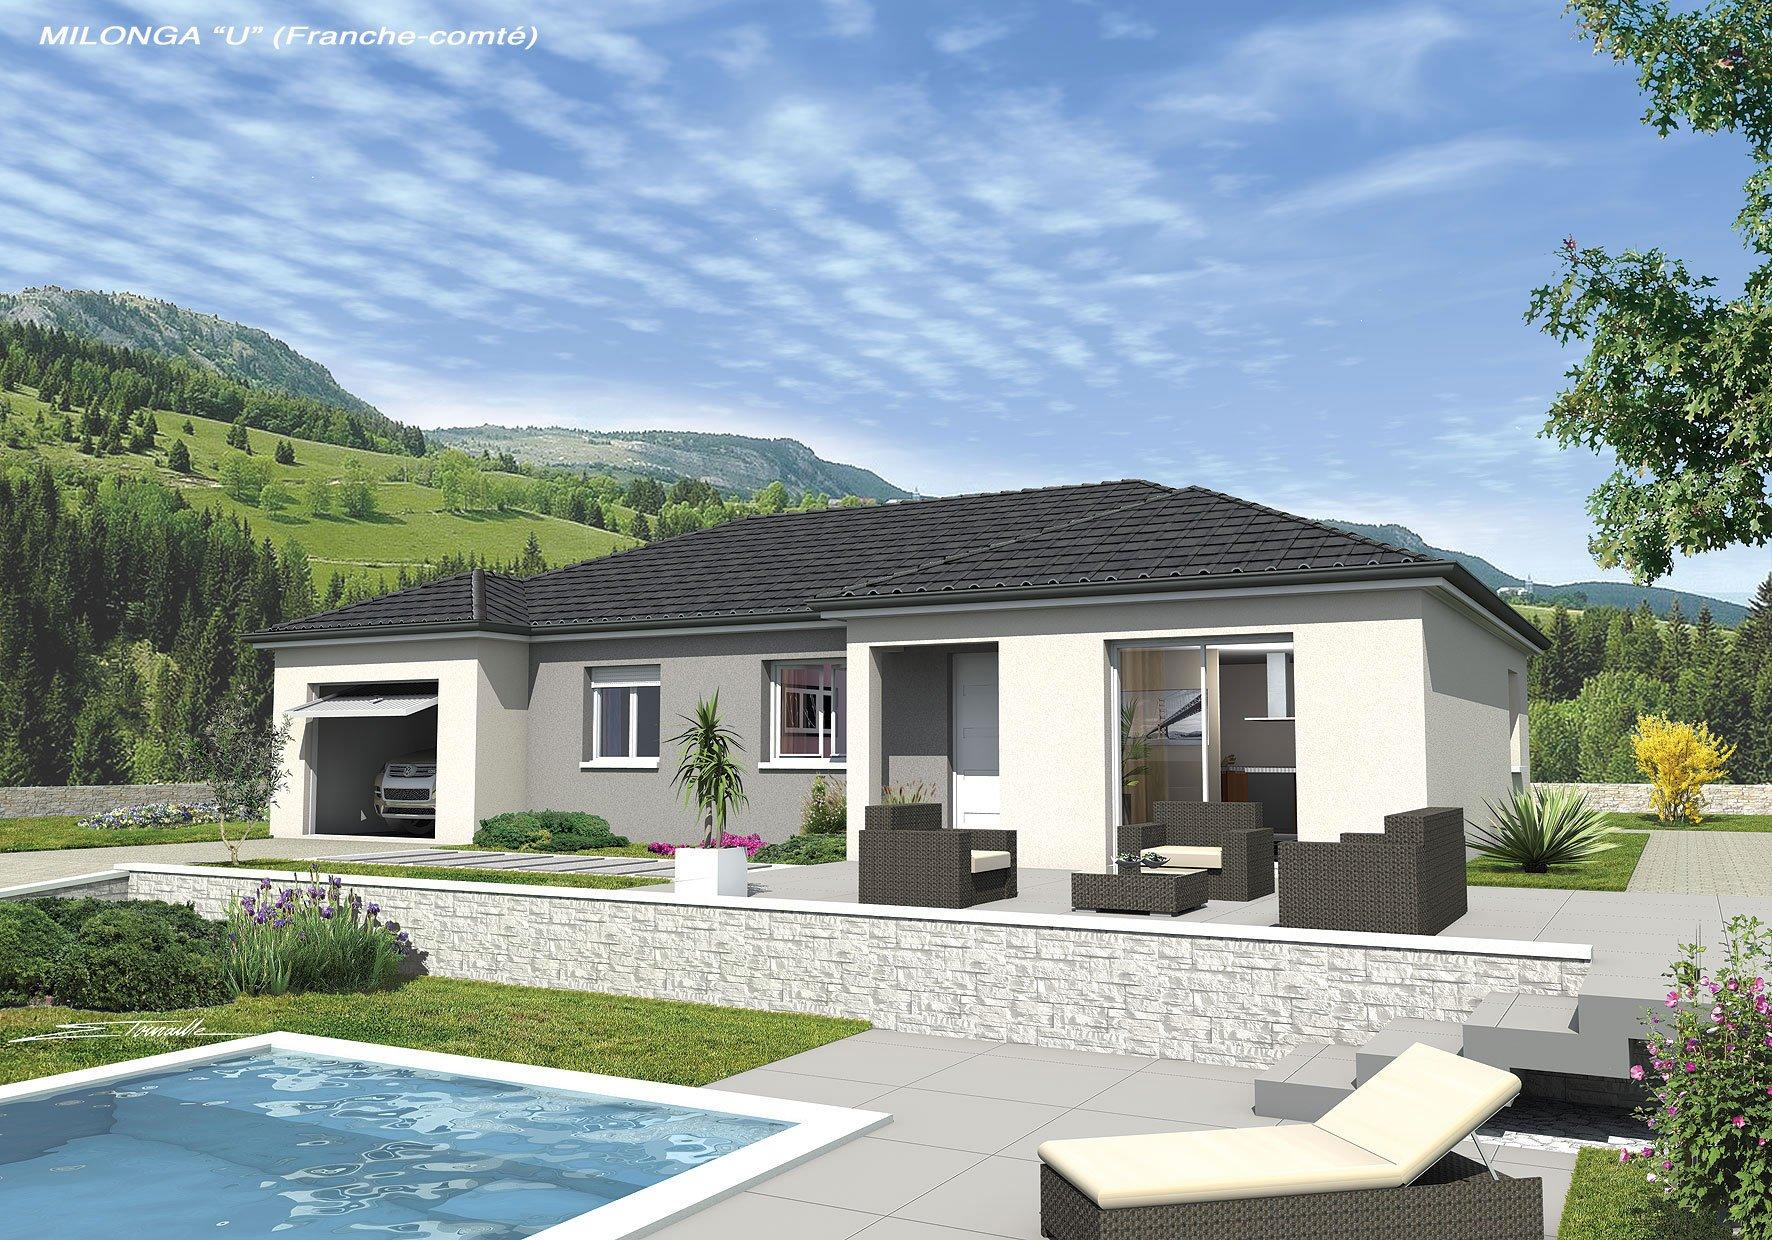 plan de maison sans toit plan de maison sans toit lgant. Black Bedroom Furniture Sets. Home Design Ideas